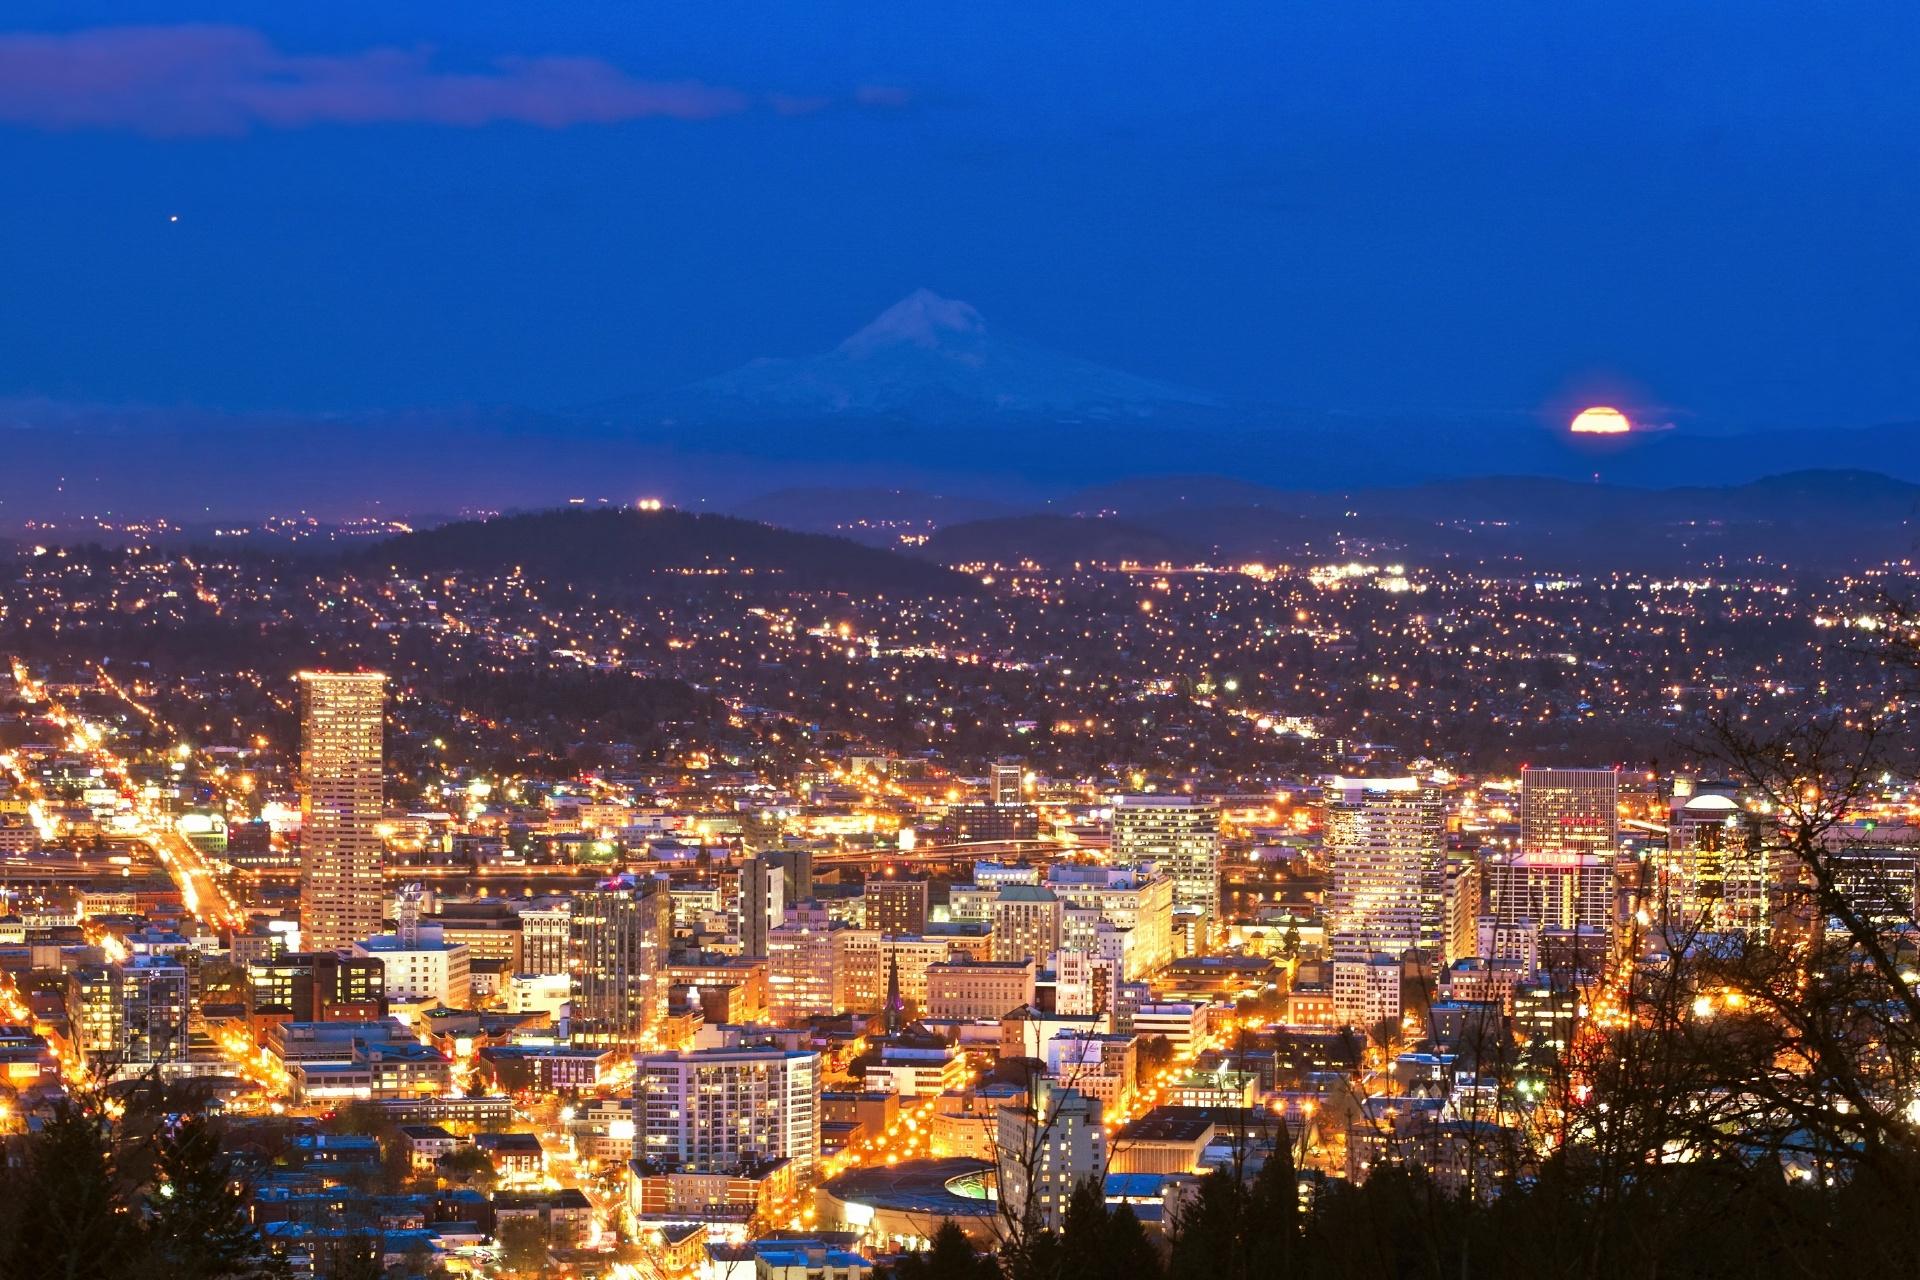 ピトック邸から眺める夜の町並み アメリカの風景